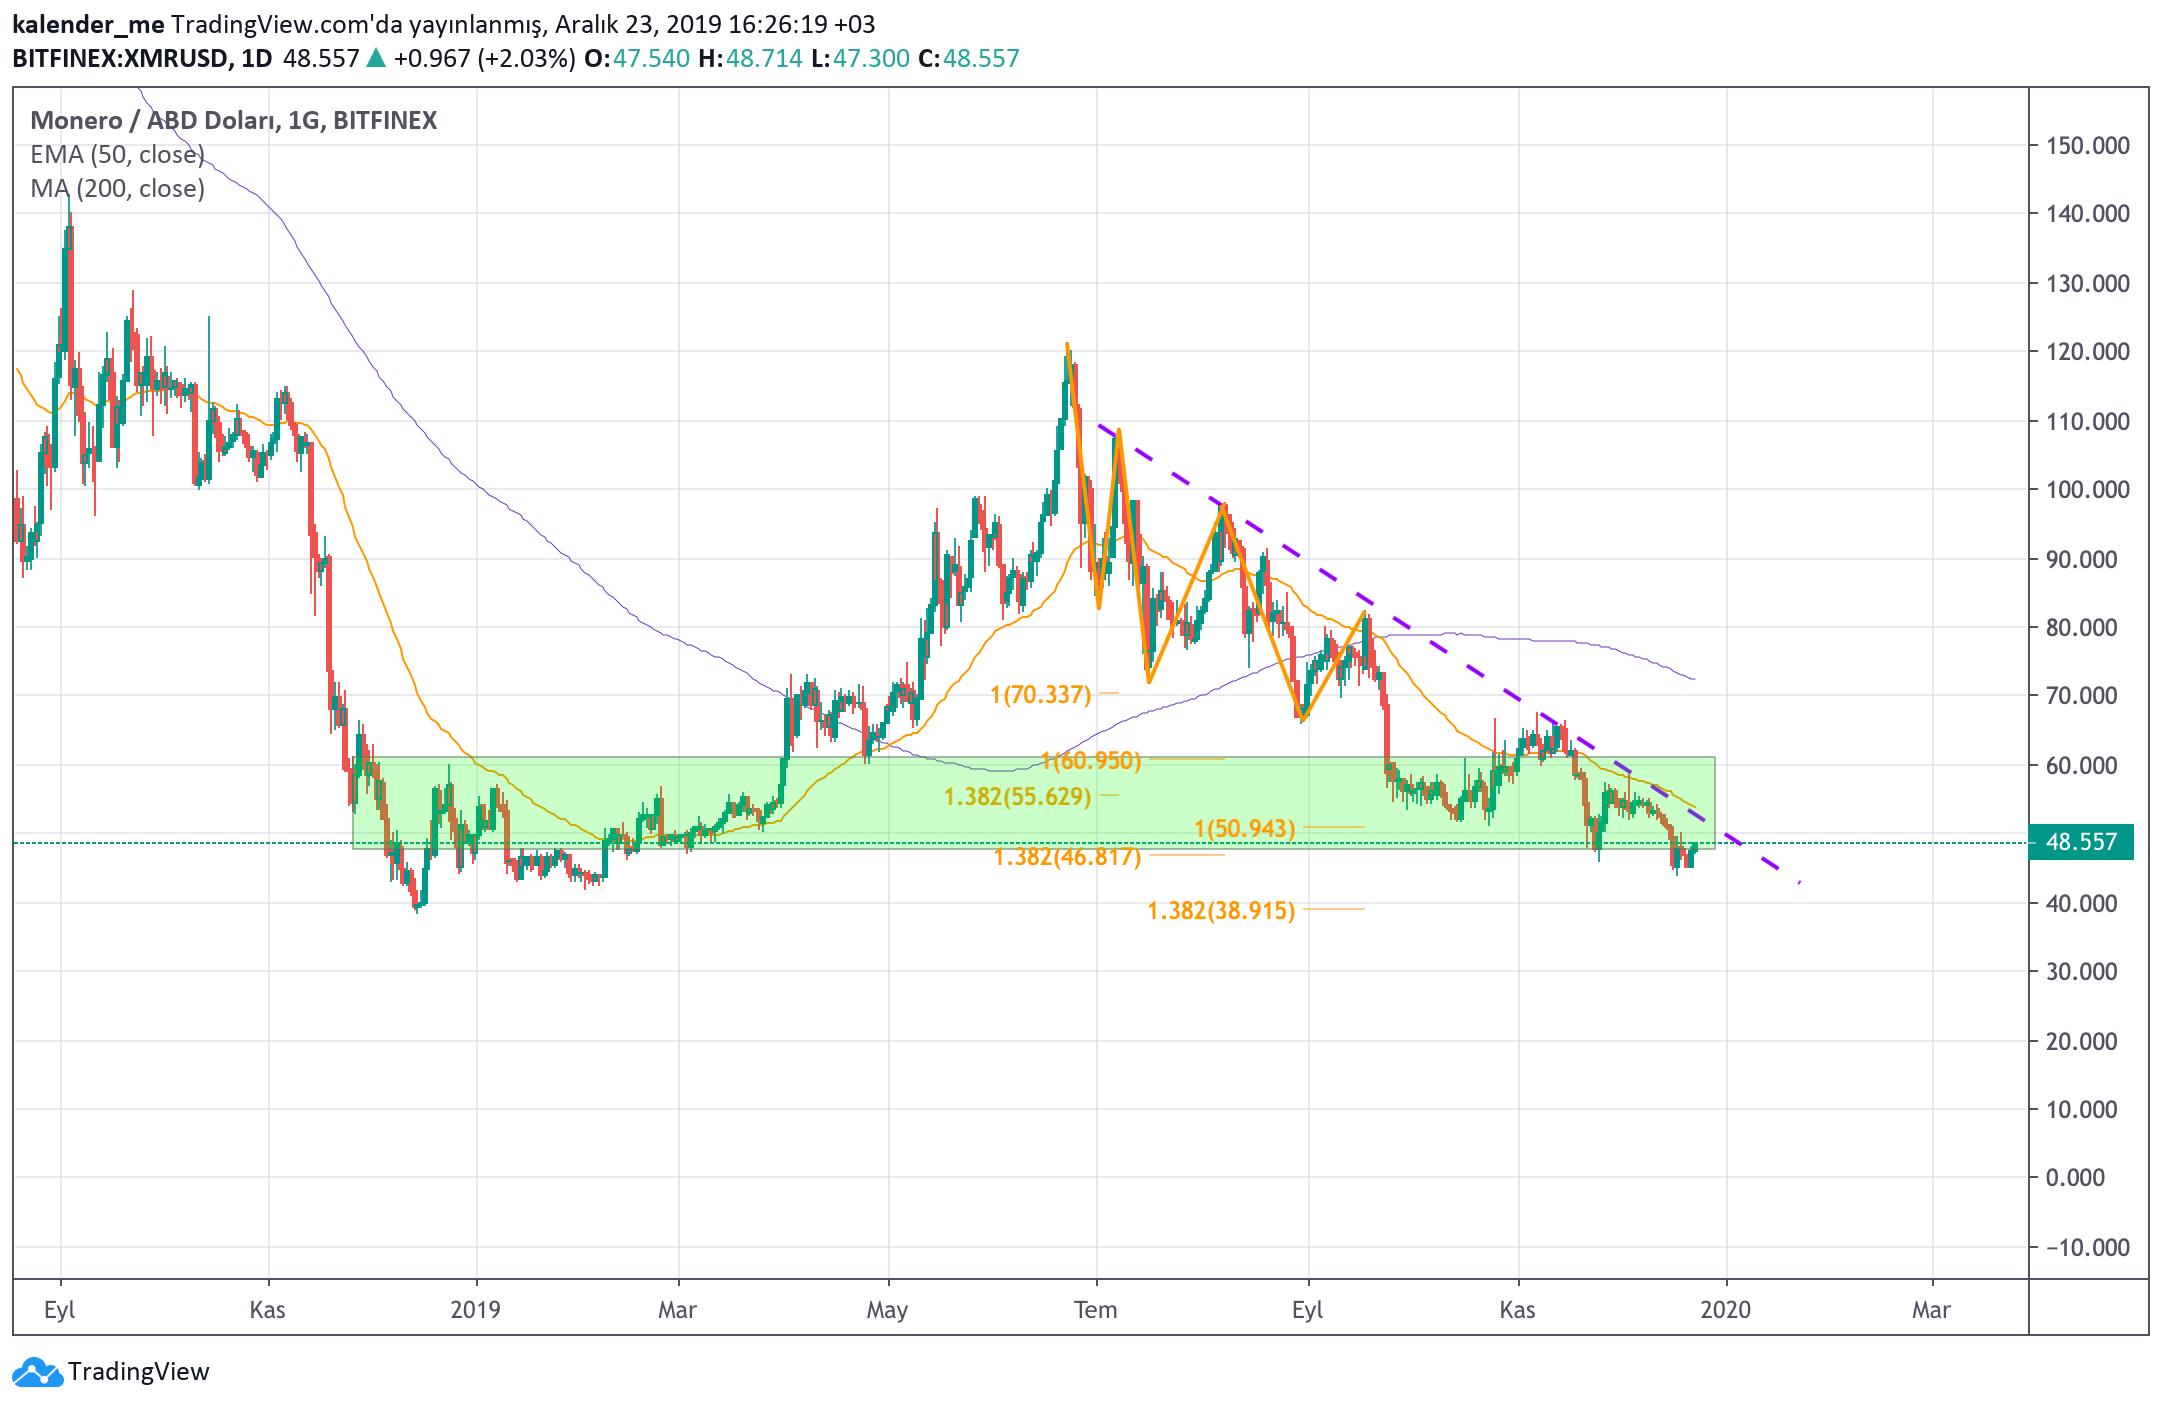 XMR/USD